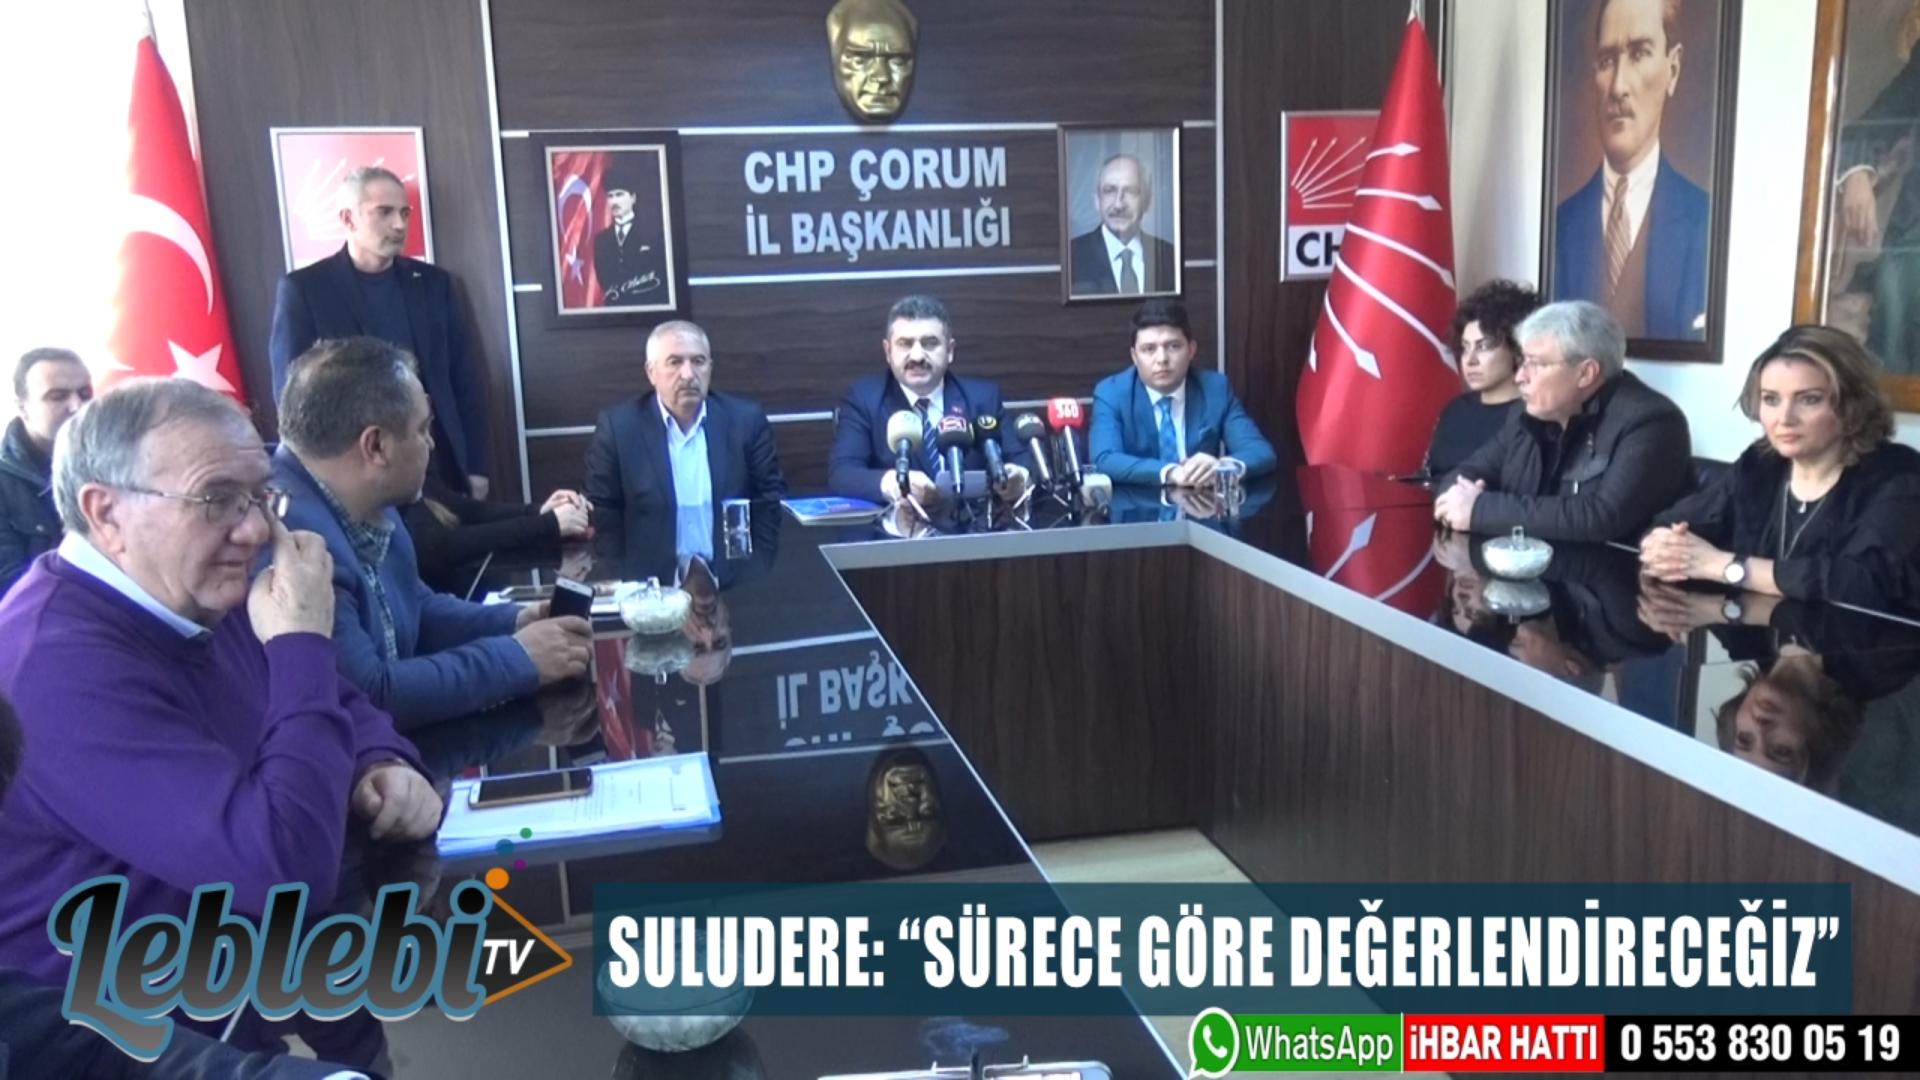 """SULUDERE: """"SÜRECE GÖRE DEĞERLENDİRECEĞİZ"""""""